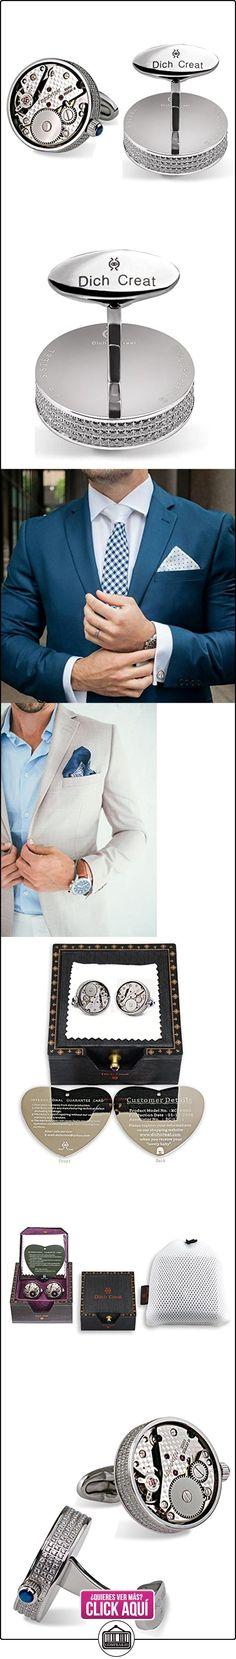 Dich Creat Acero inoxidable CNC con incrustaciones de corazones y flechas Joyas Swiss Movimiento de lujo Gemelos  ✿ Joyas para hombres especiales - lujo ✿ ▬► Ver oferta: https://comprar.io/goto/B01MQYM7VT